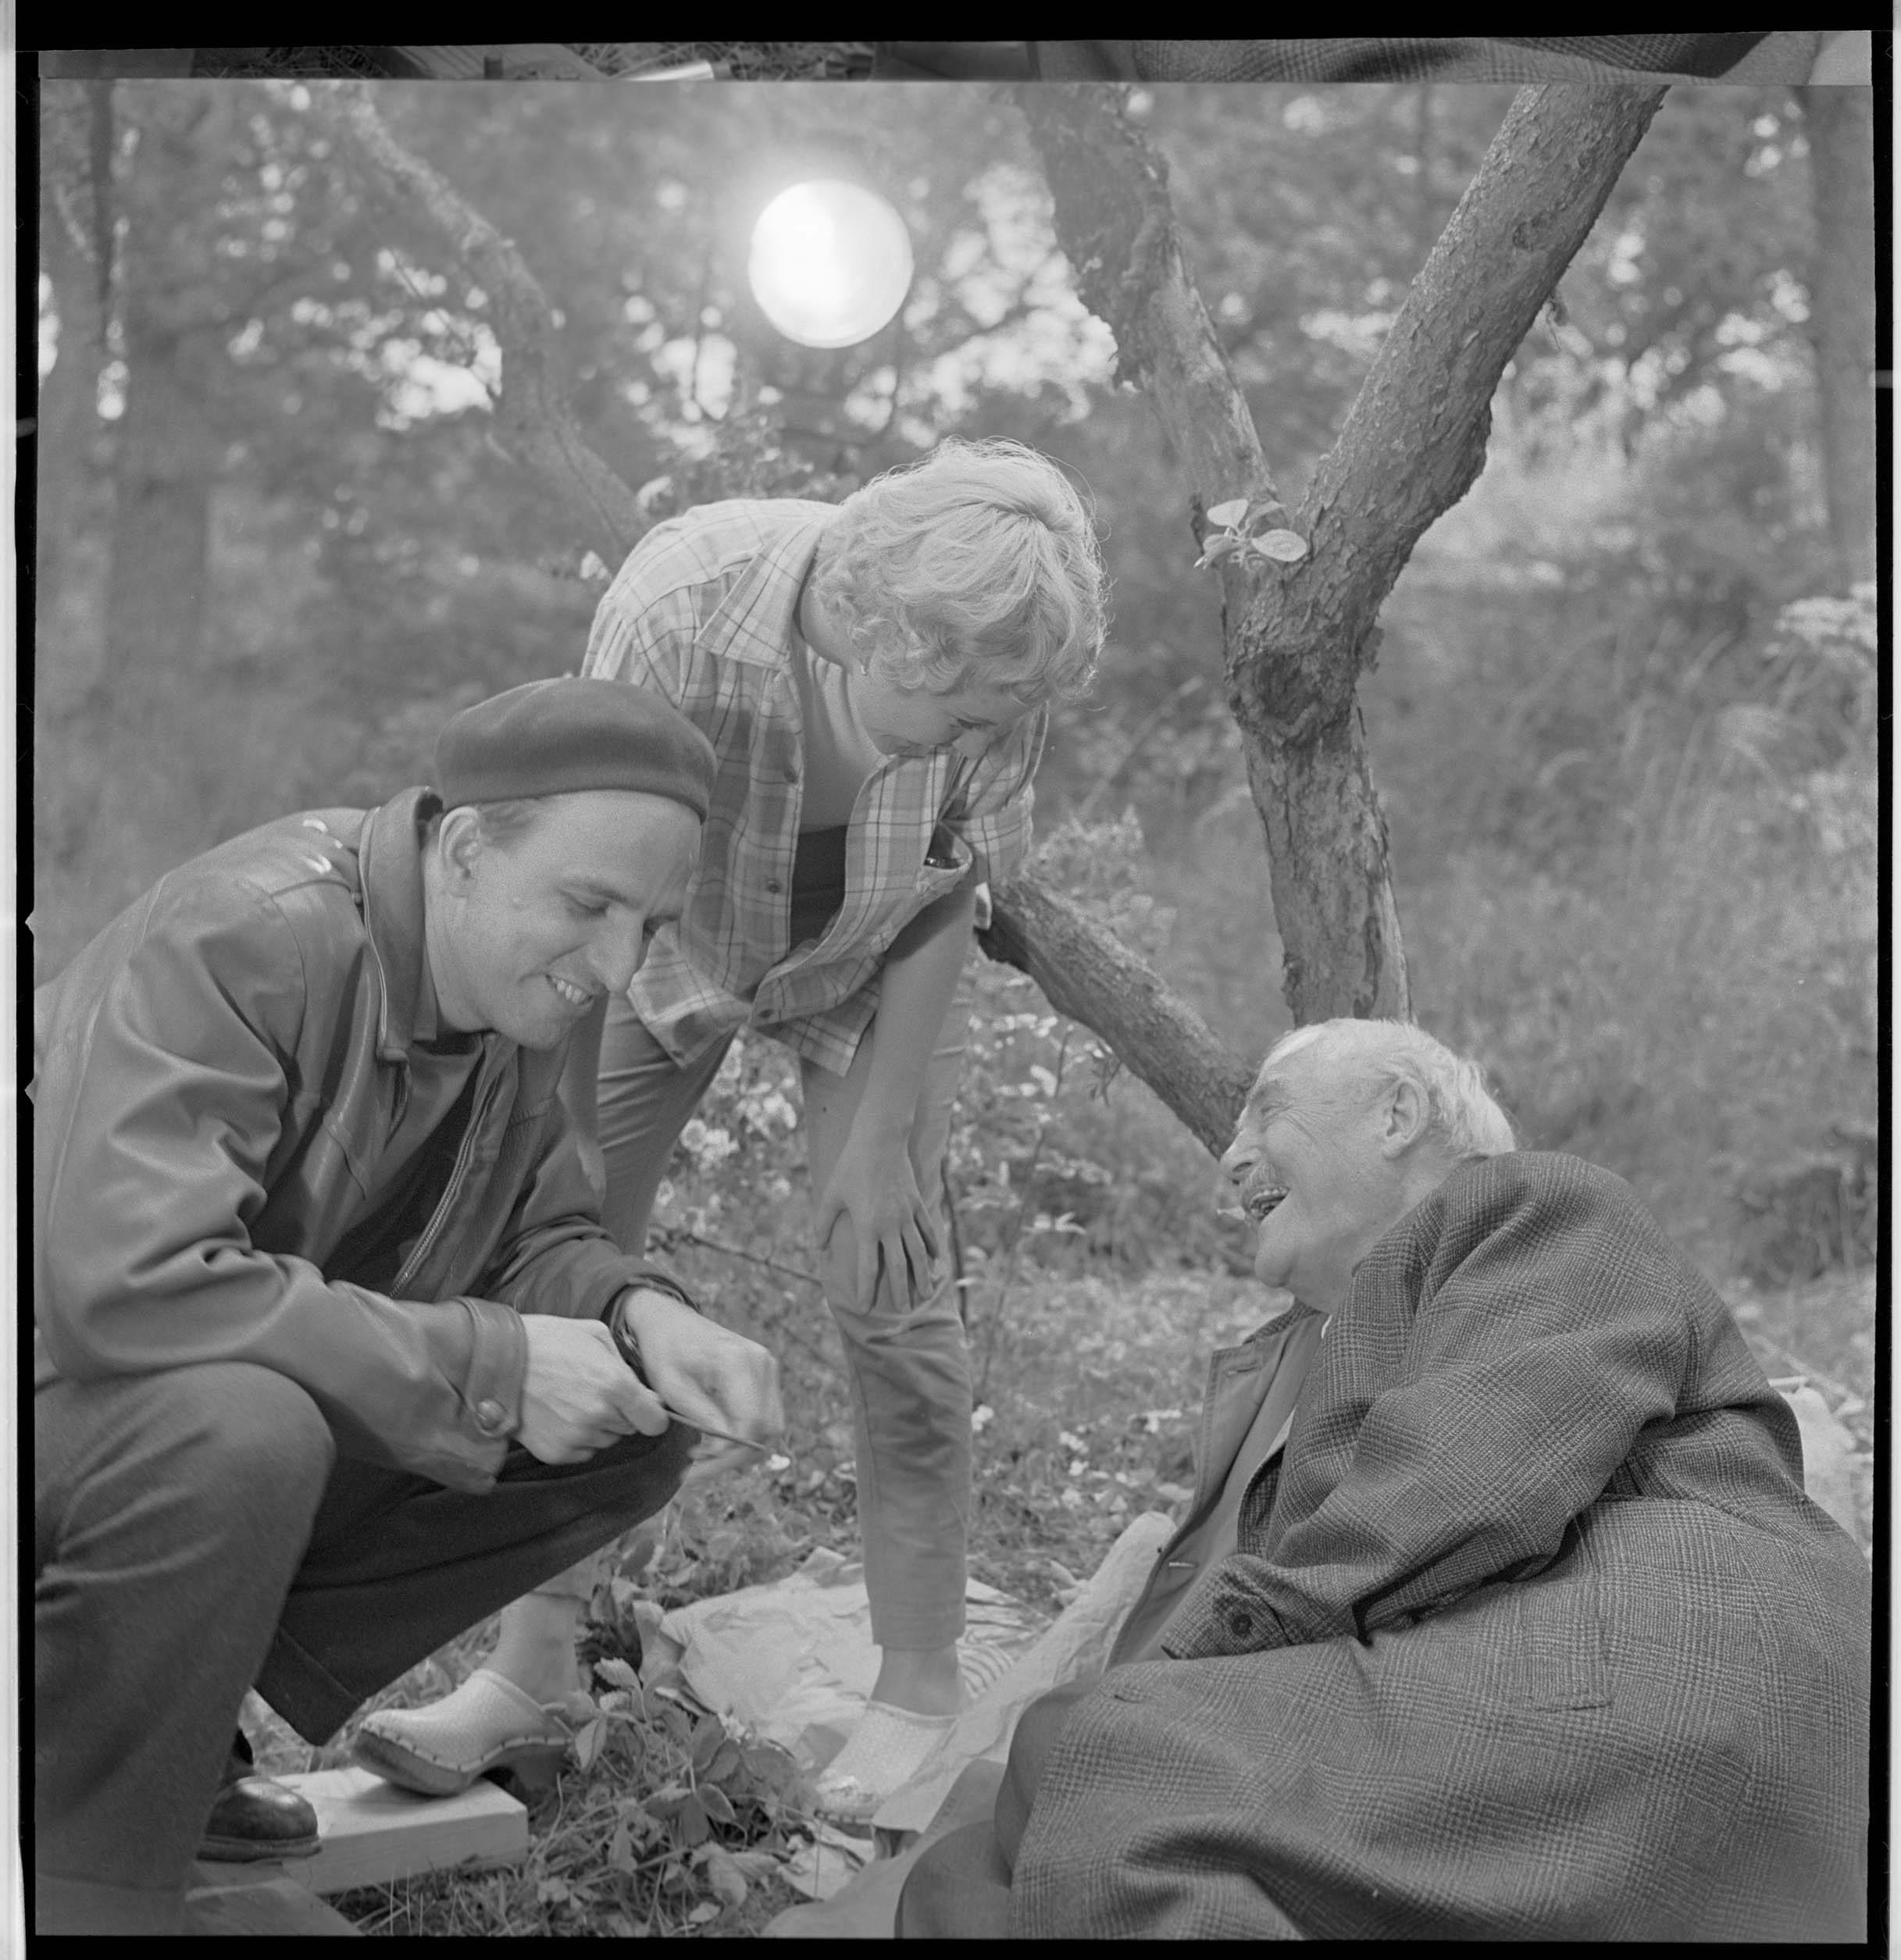 Fra innspillingen av Smultronstället. Bergman instruerer Bibi Andersson og Victor Sjöström.